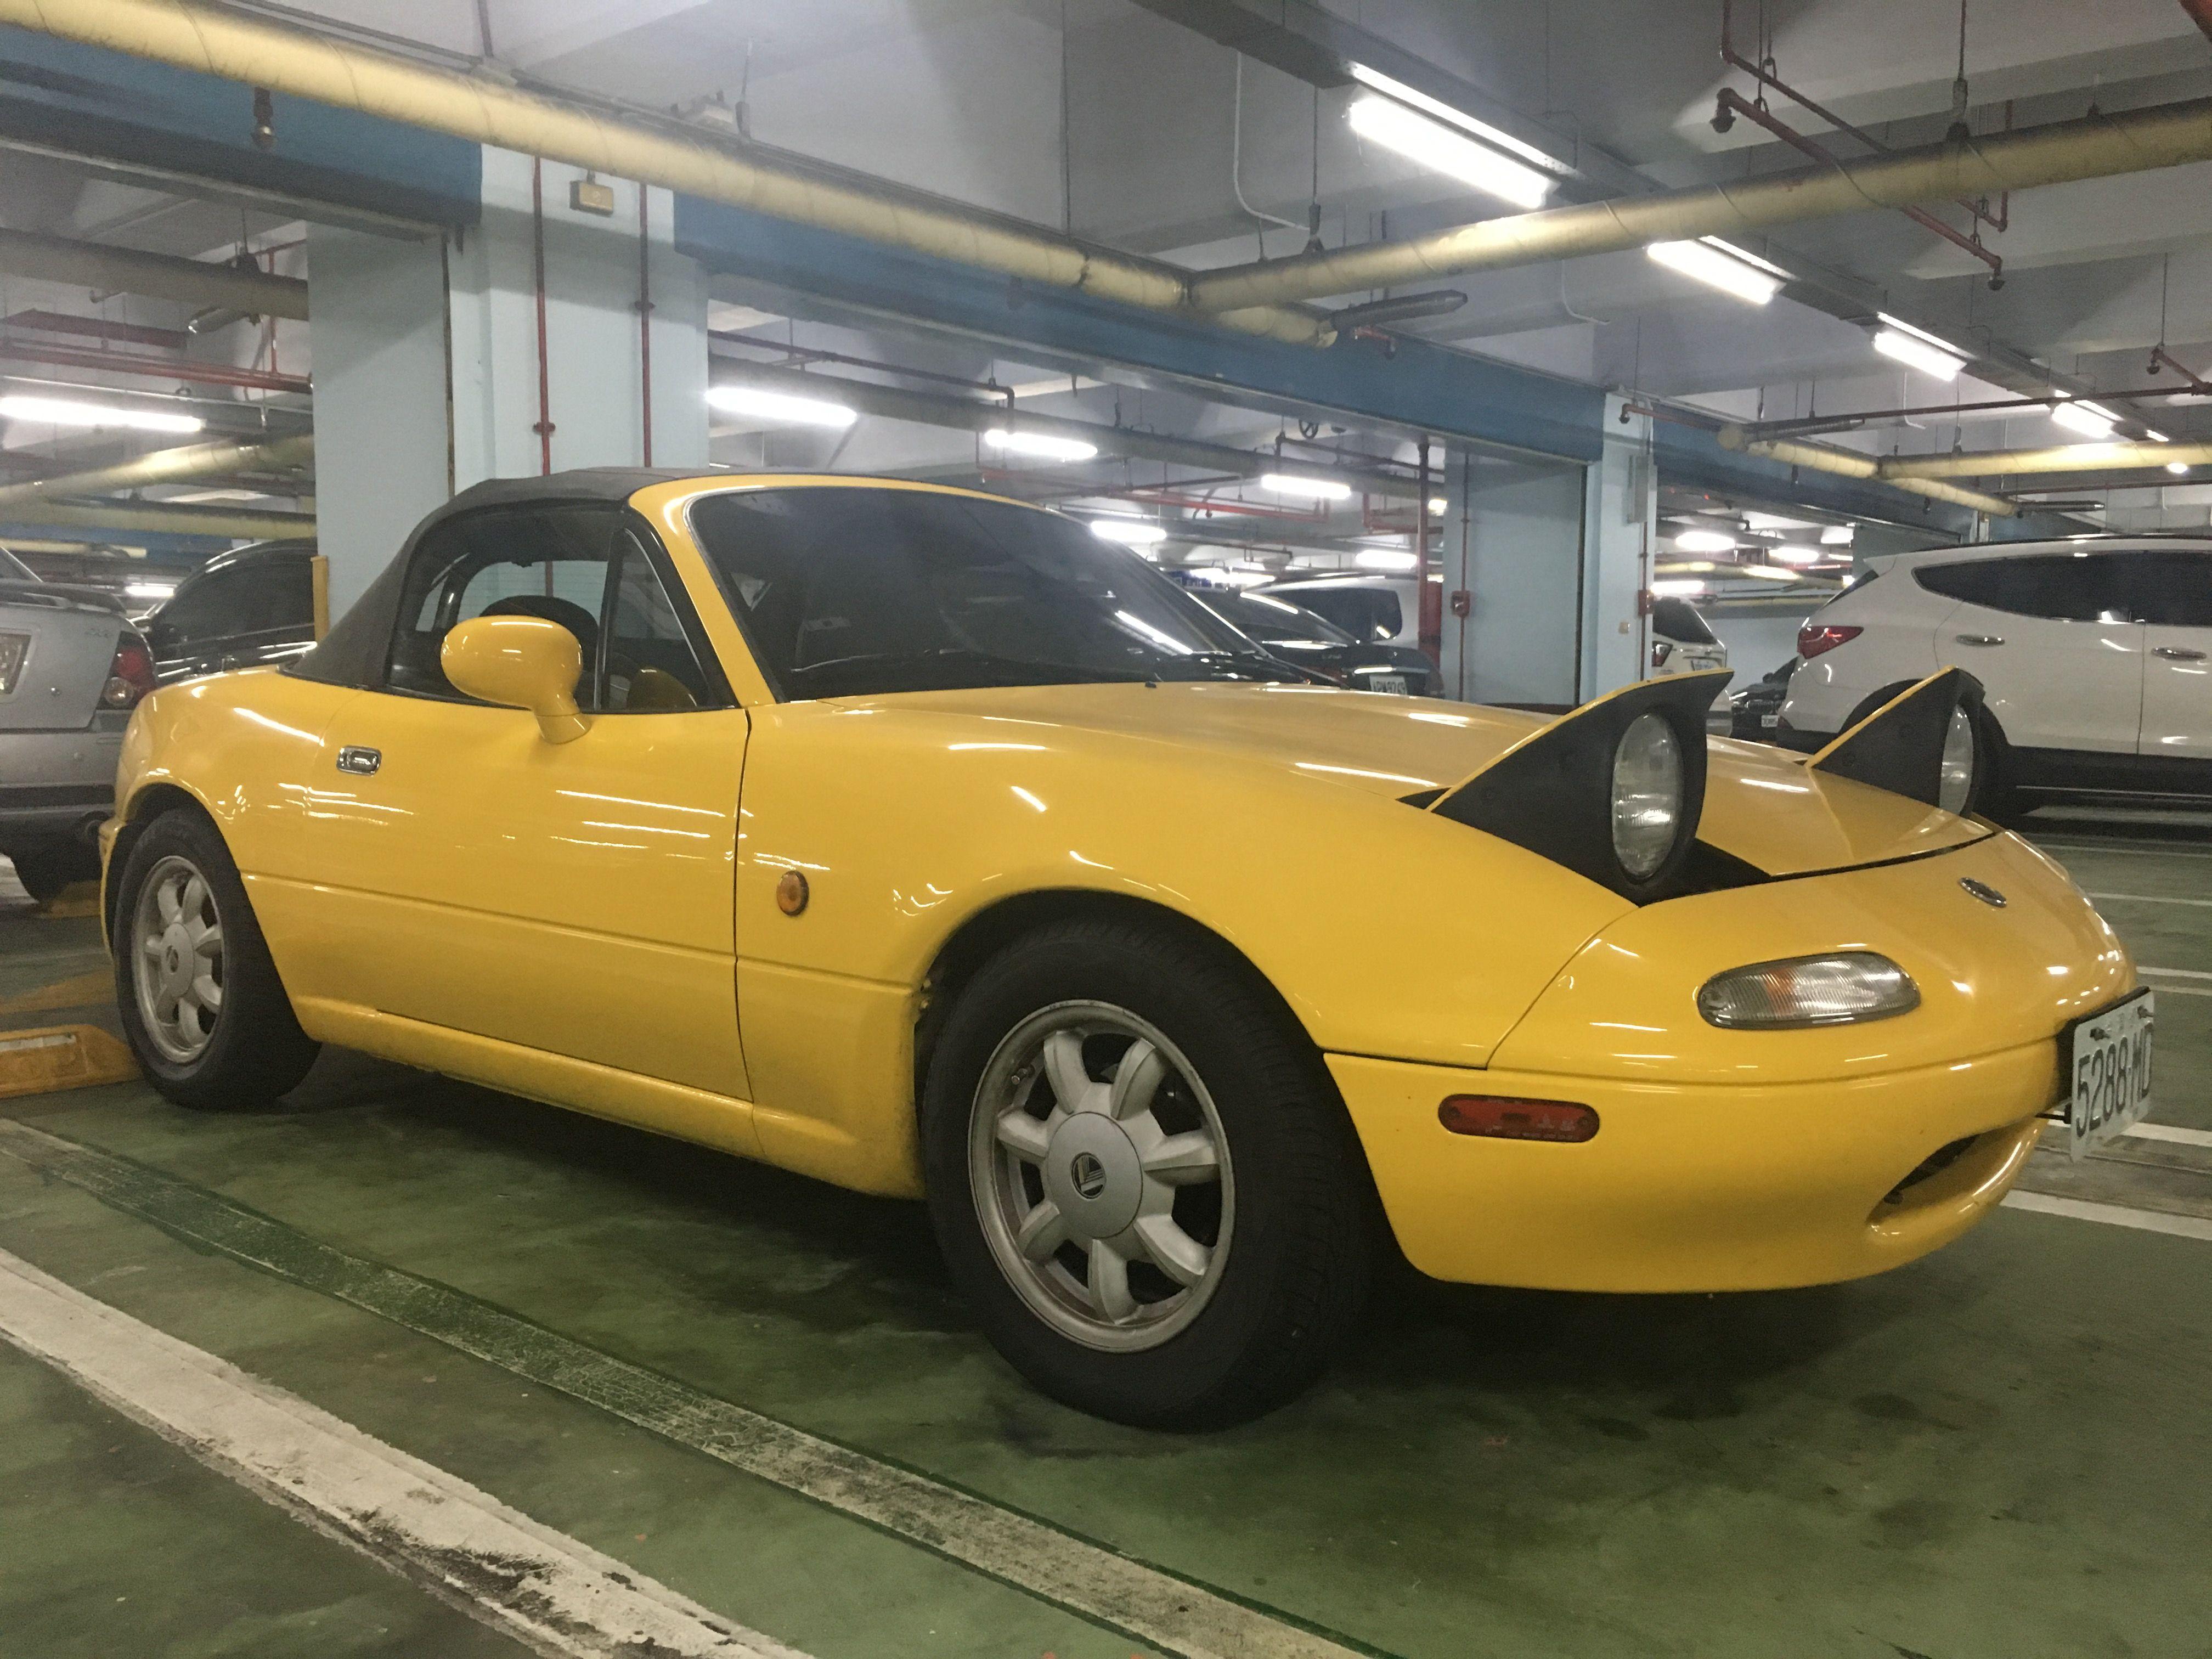 Yellow Miata